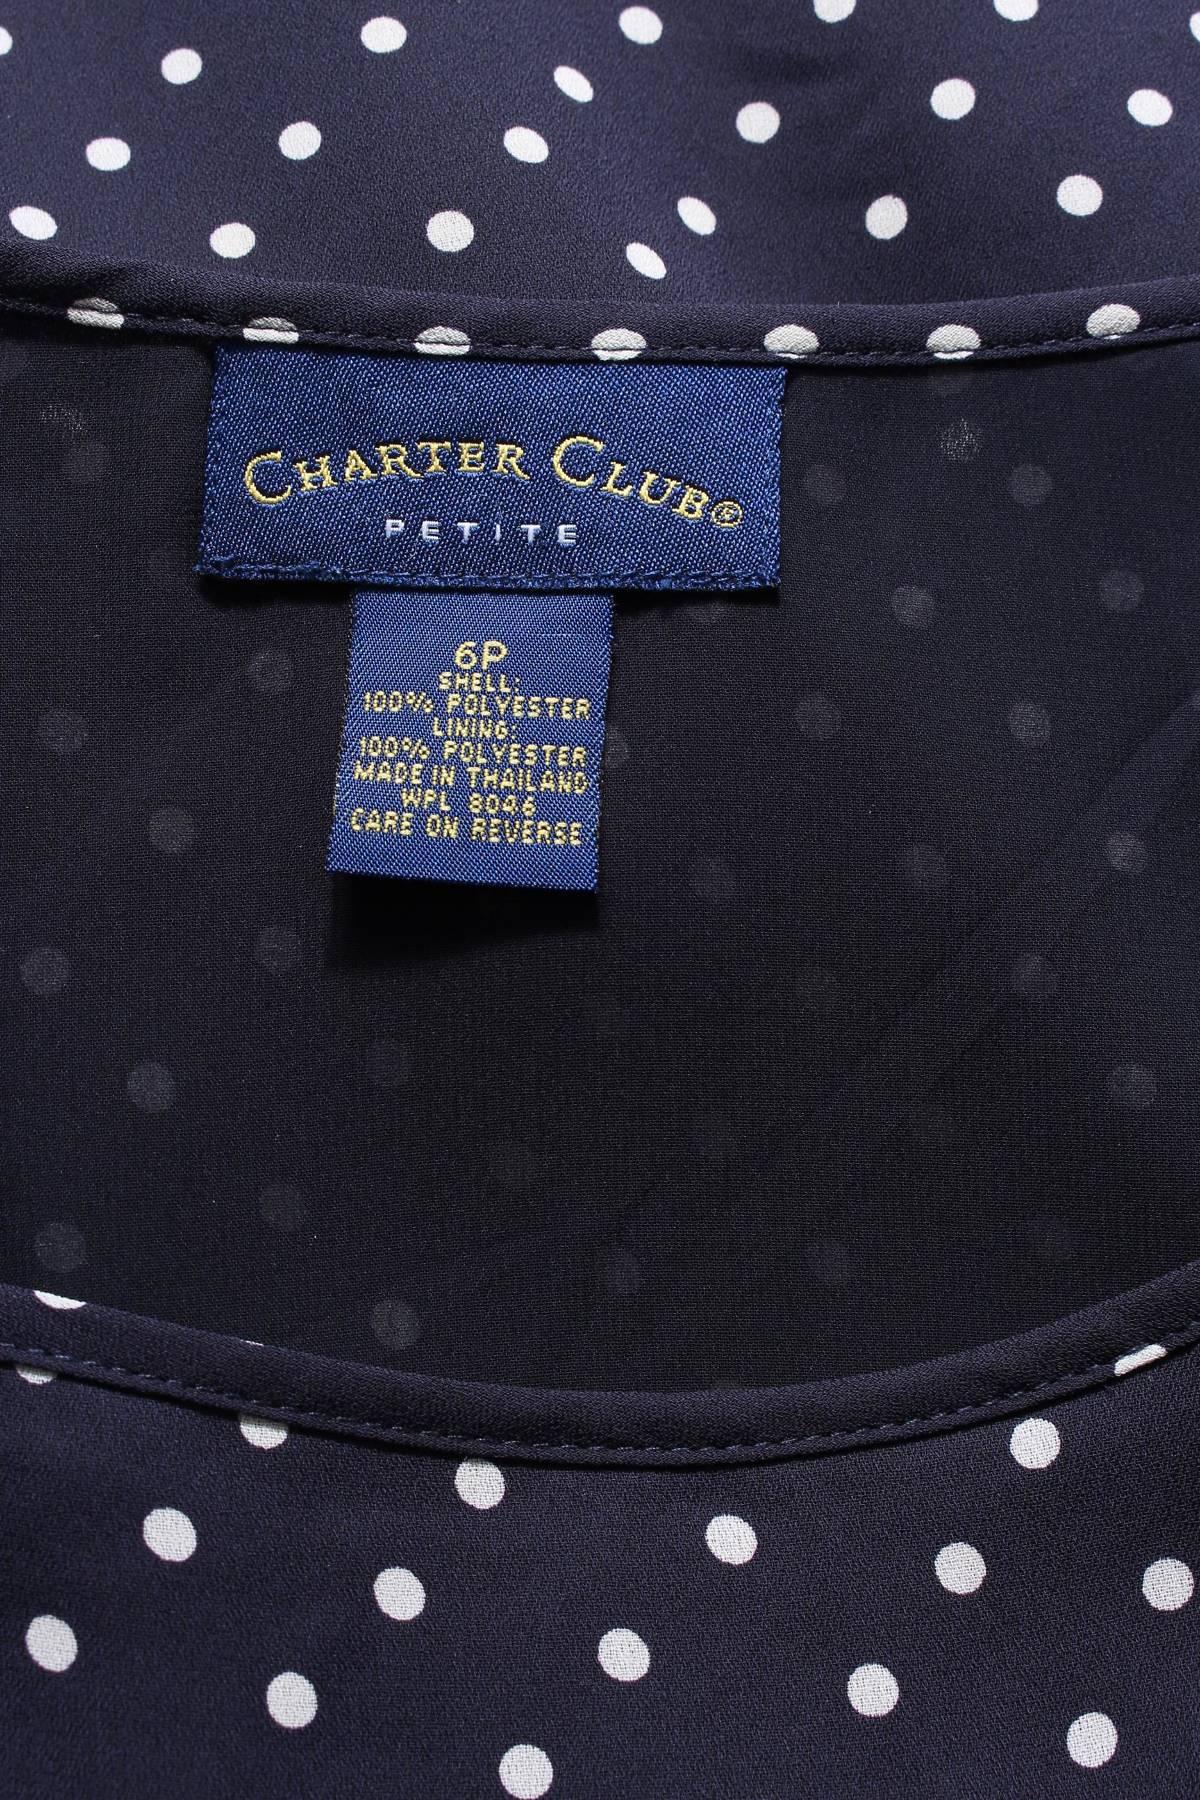 Пола Charter Club1